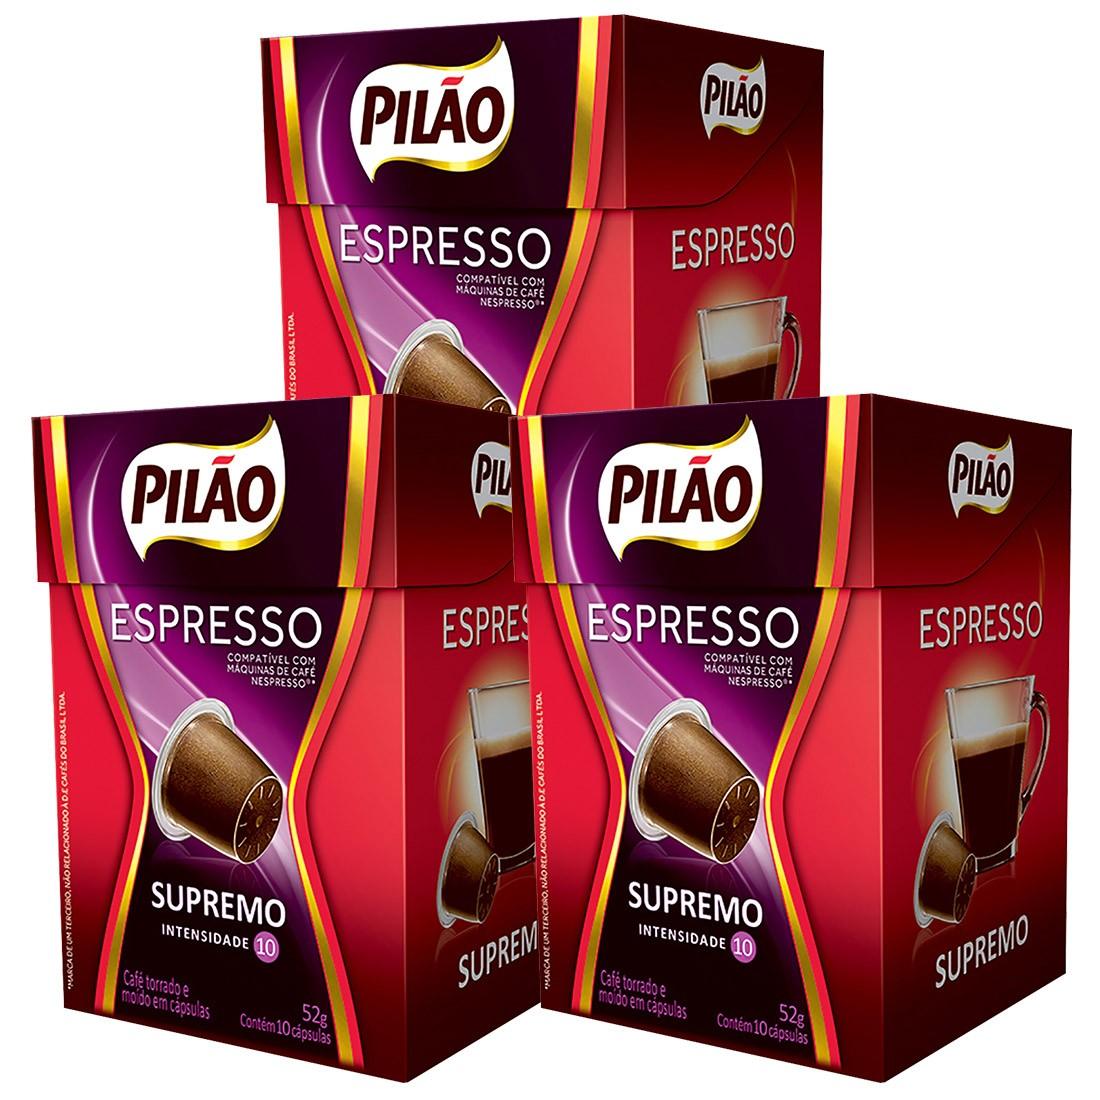 Kit Cápsulas de Café Pilão Espresso Supremo - Leve 3 pague 2